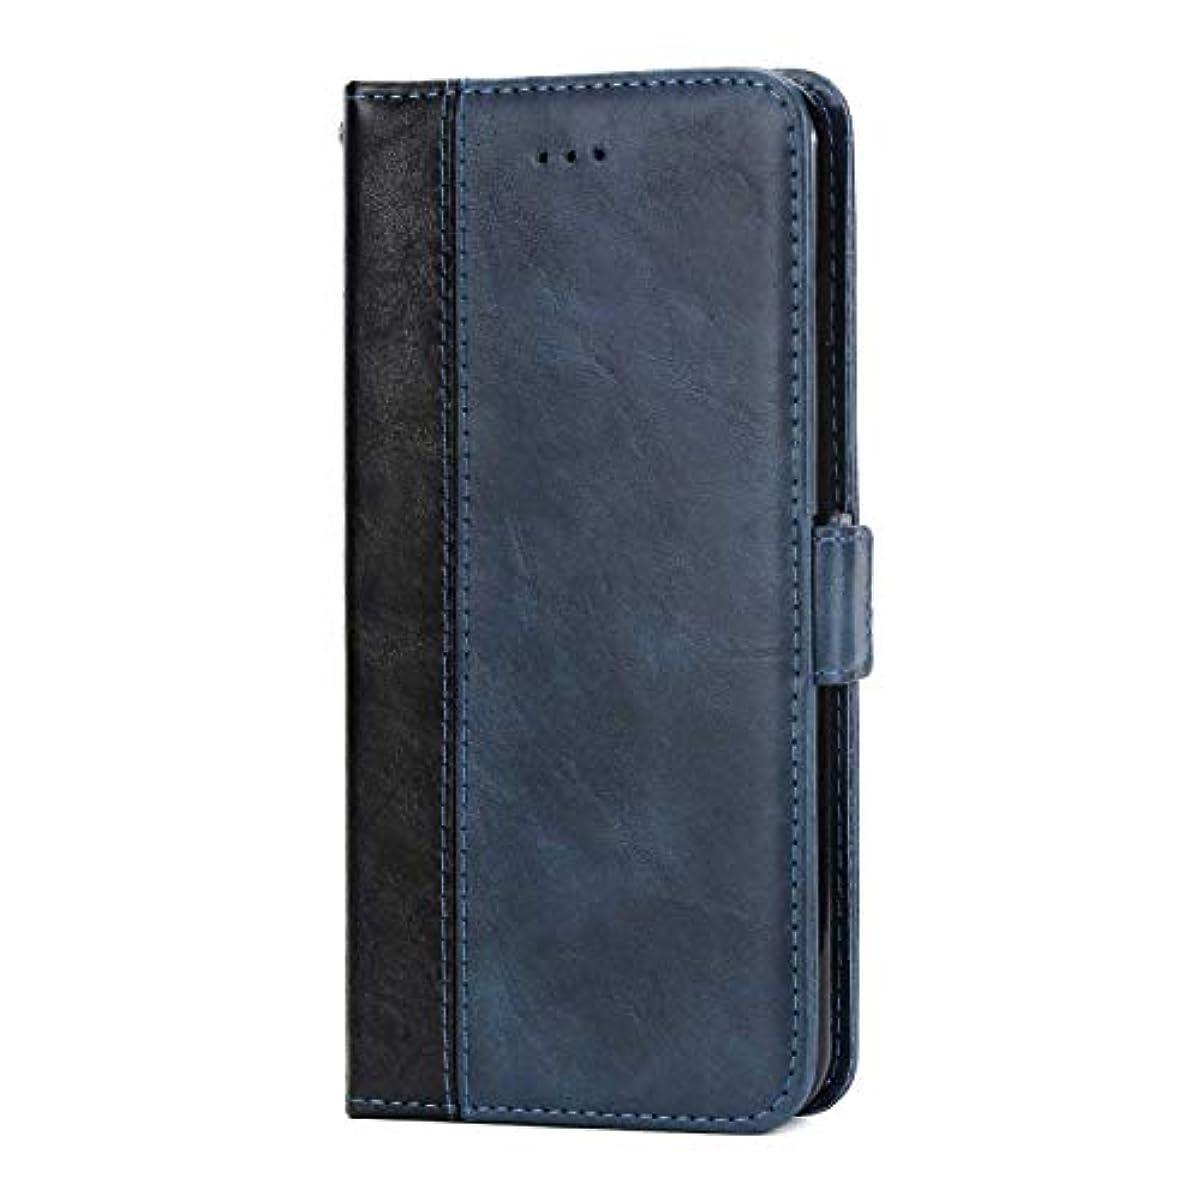 キャンパス松作りますOMATENTI Huawei P20 Pro 手帳ケース マグネット式 カバー Huawei P20 Pro 高級PUレザー カードポケット スタンド機能 薄型 スマホケース(3-ブルー)